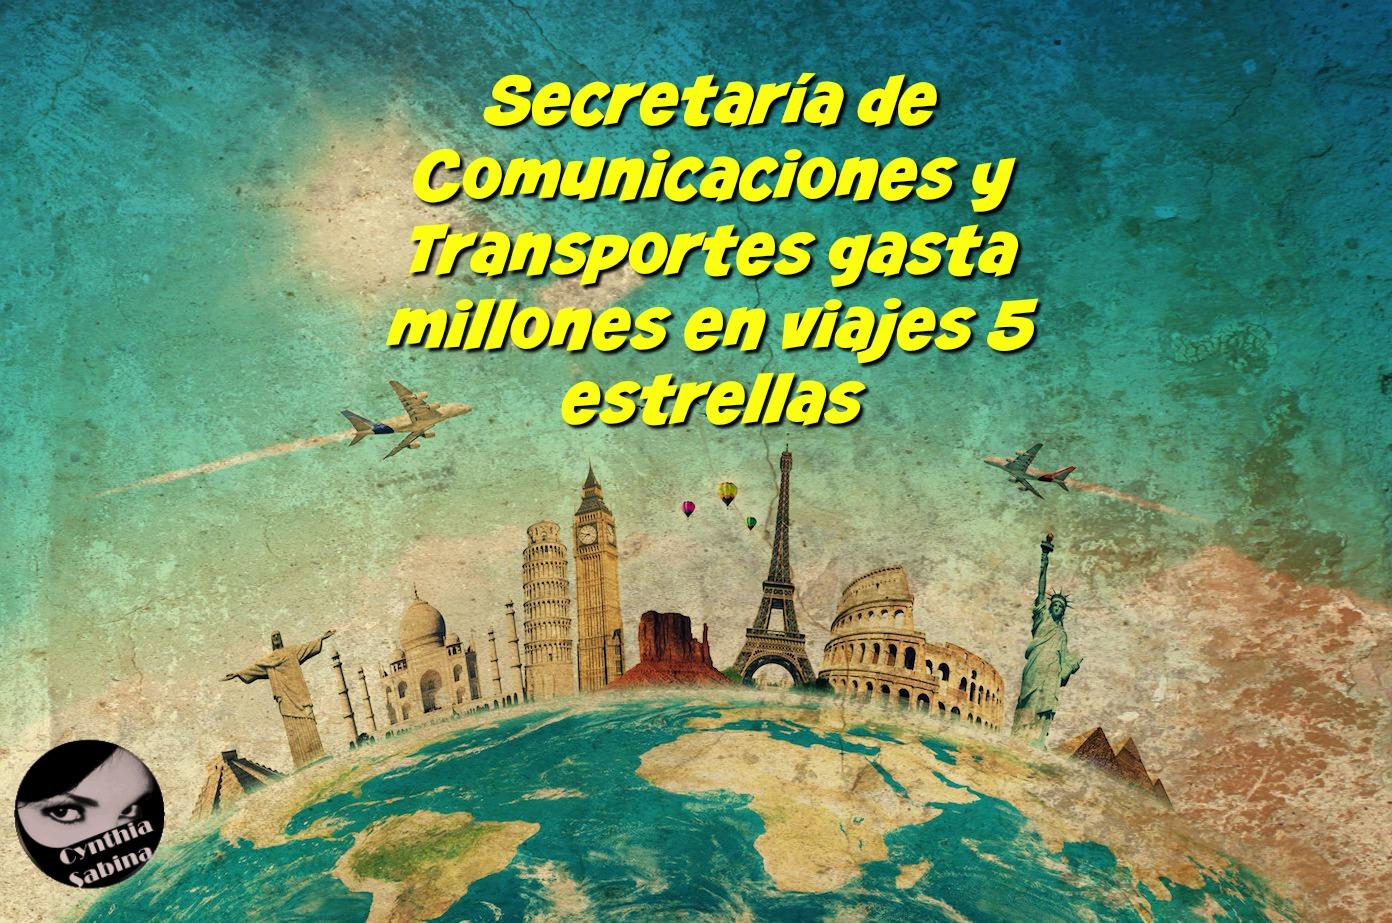 Secretaría de Comunicaciones y Transportes gasta millones en viajes 5 estrellas